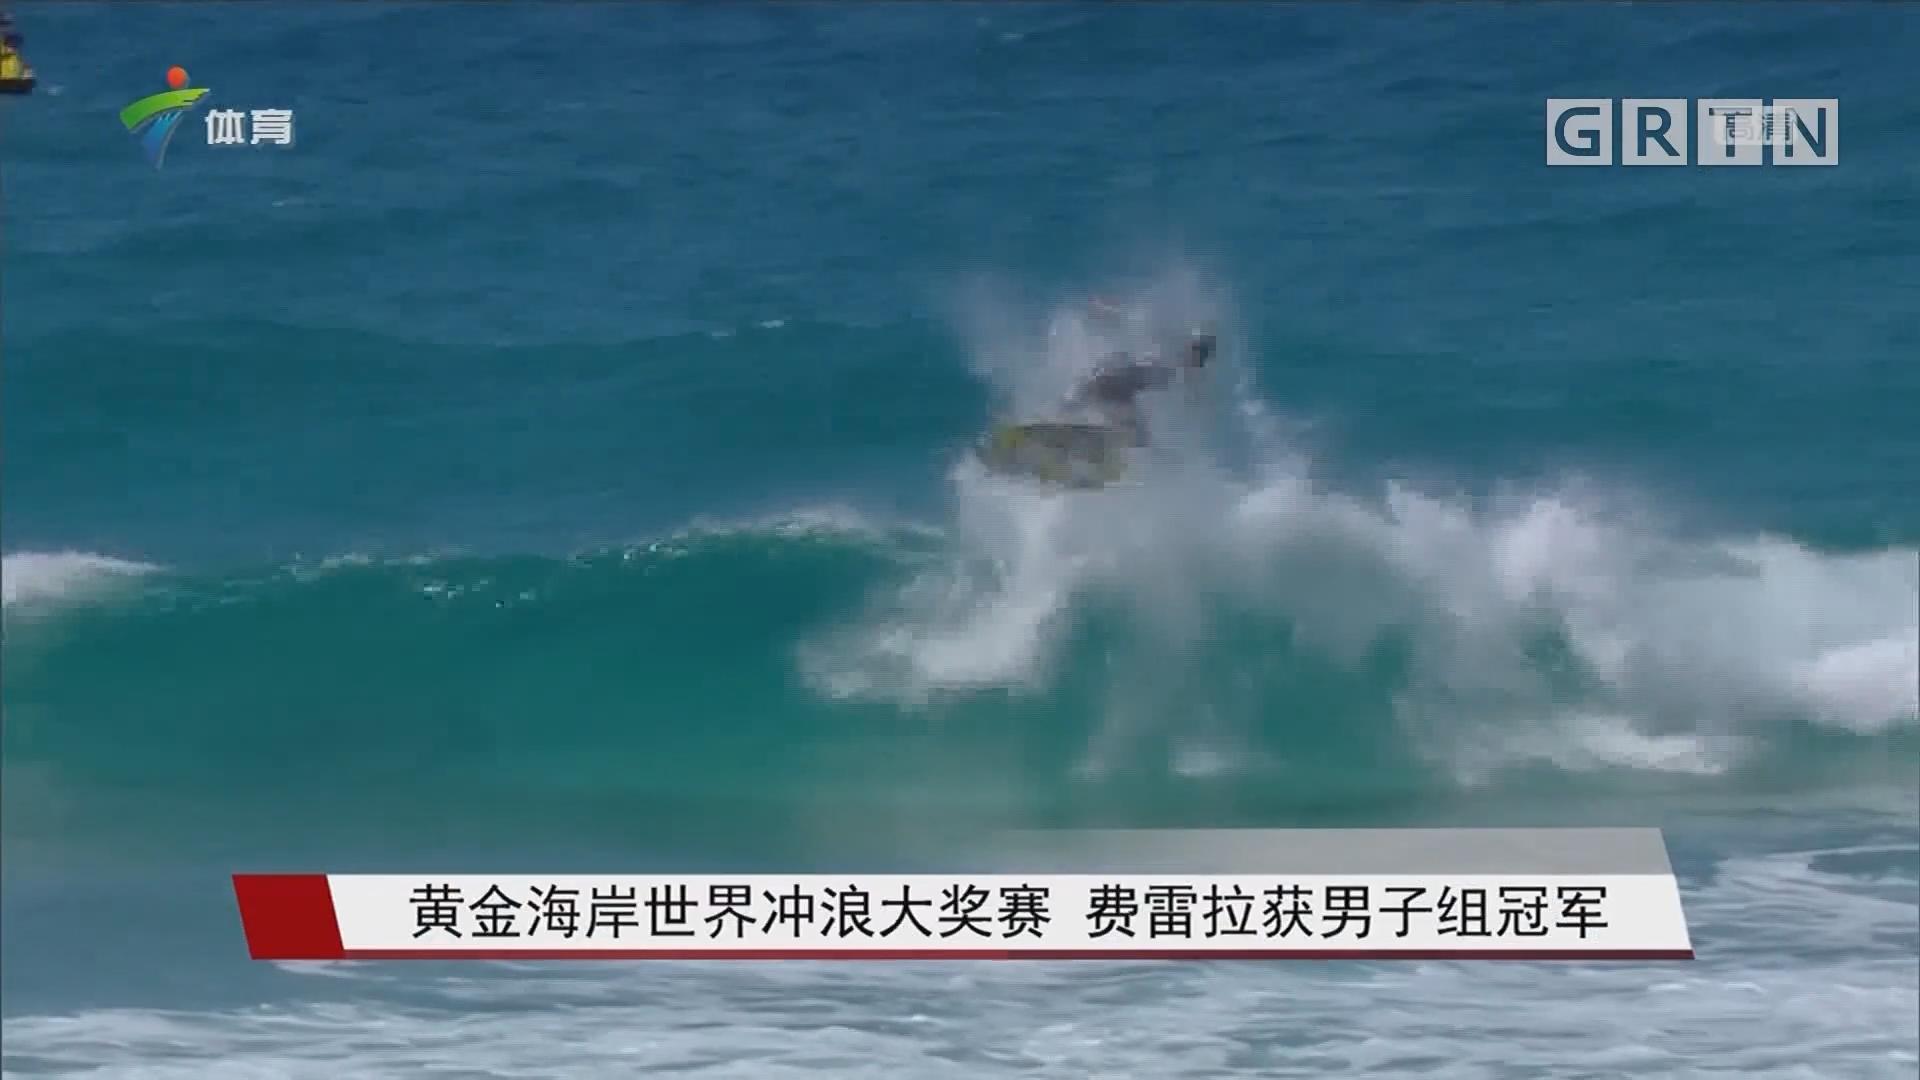 黄金海岸世界冲浪大奖赛 费雷拉获男子组冠军